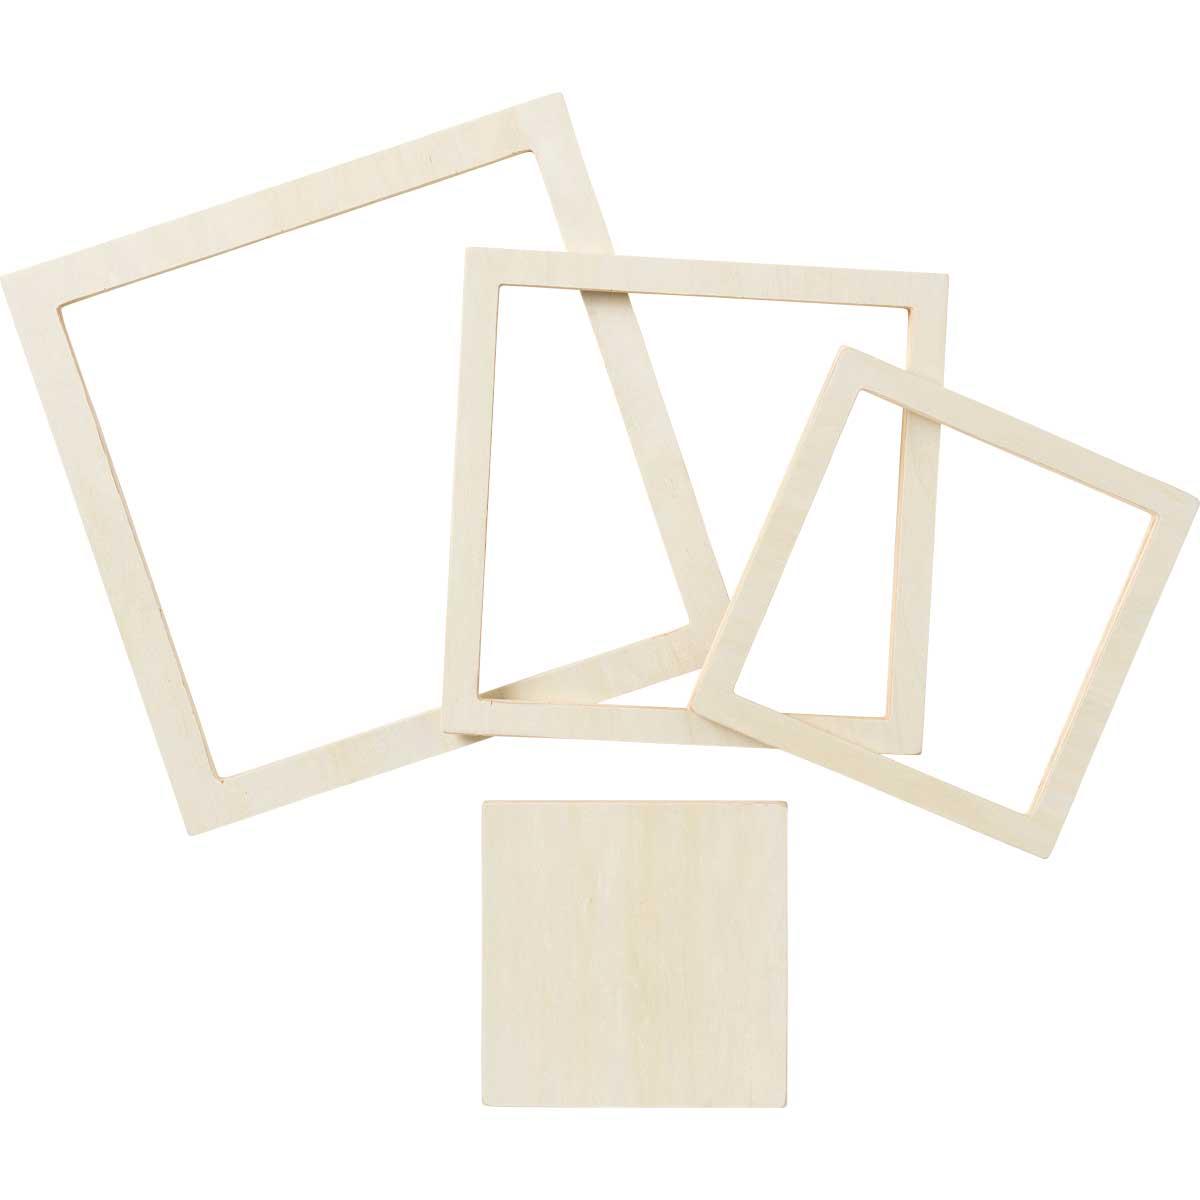 Plaid ® Wood Surfaces - Square Set, 4 piece